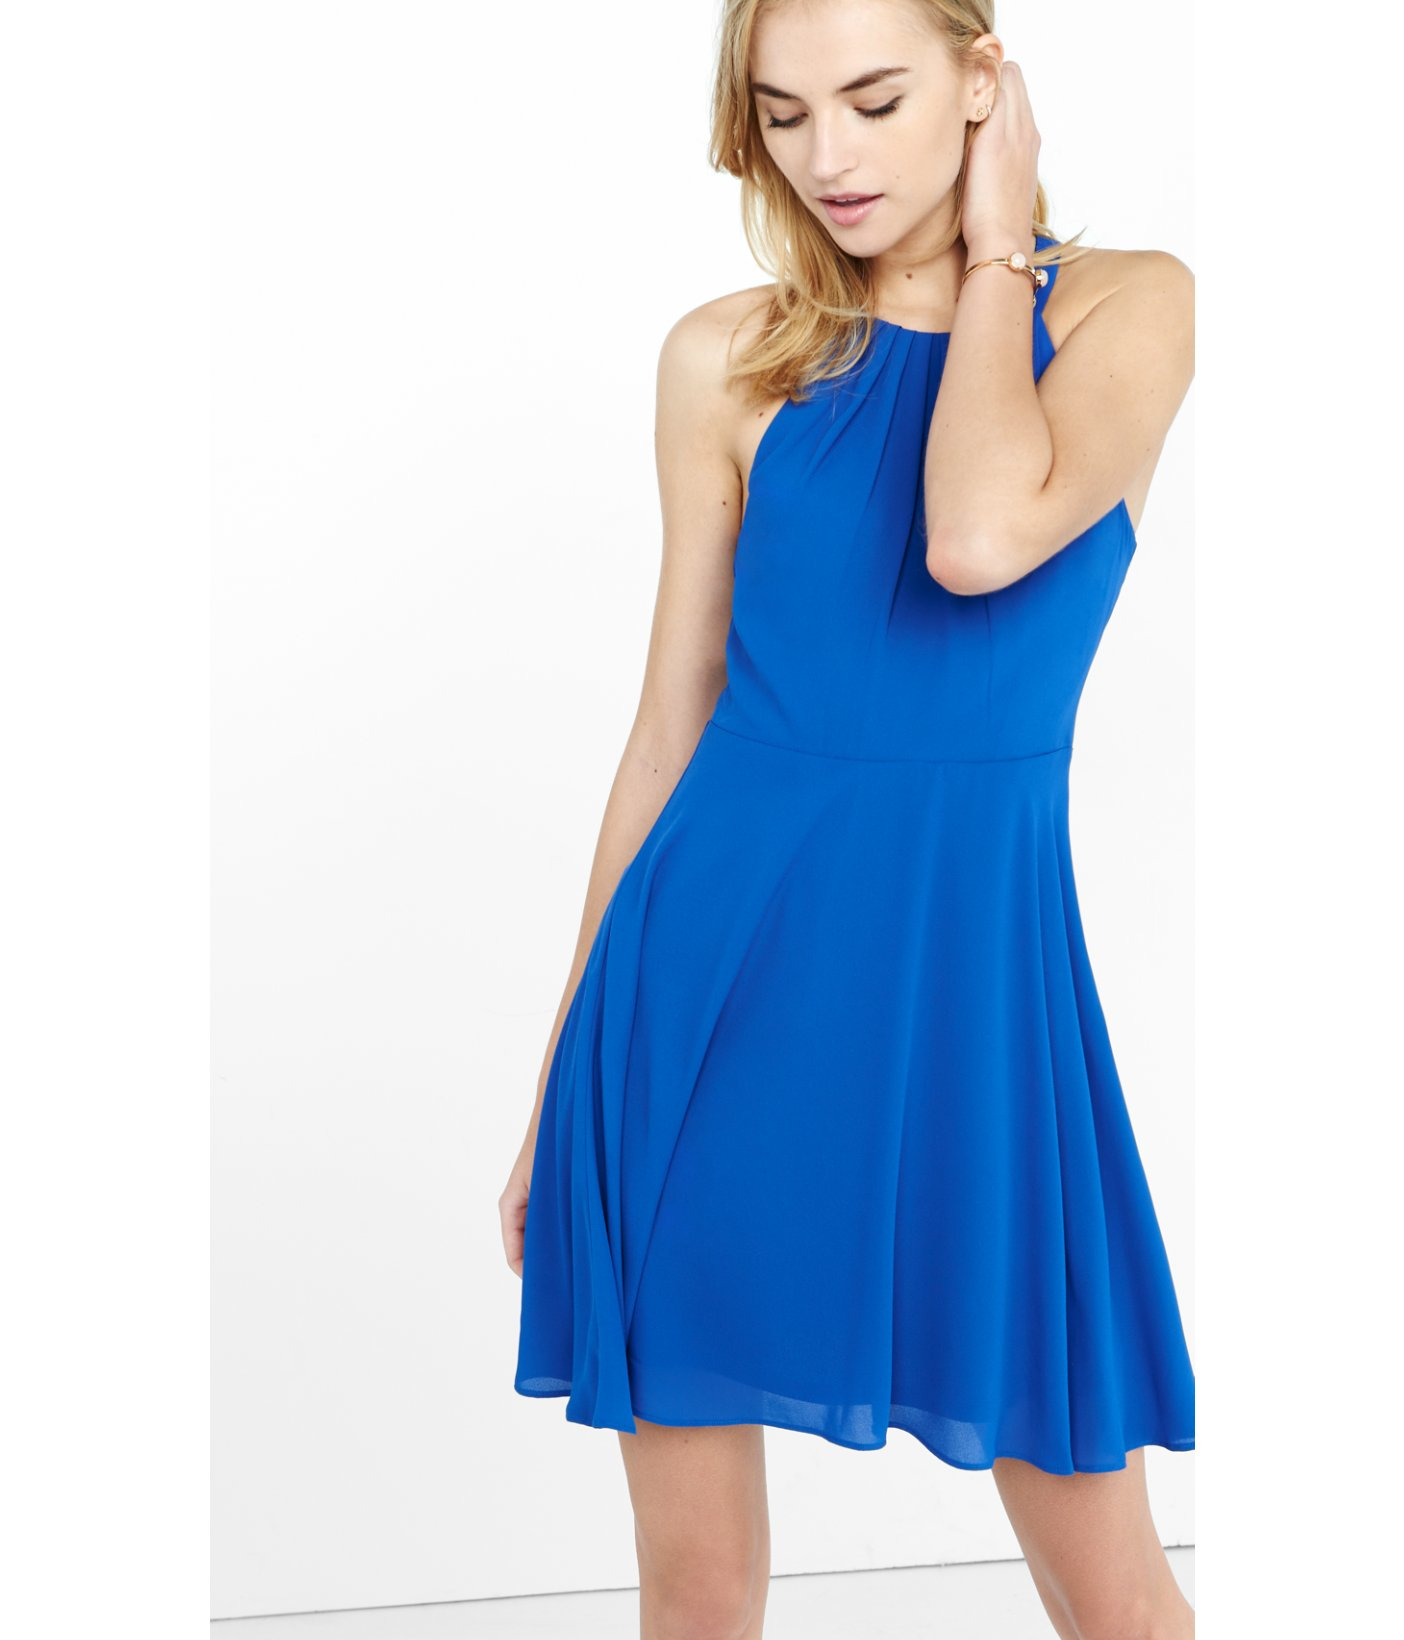 Short Blue Halter Dress